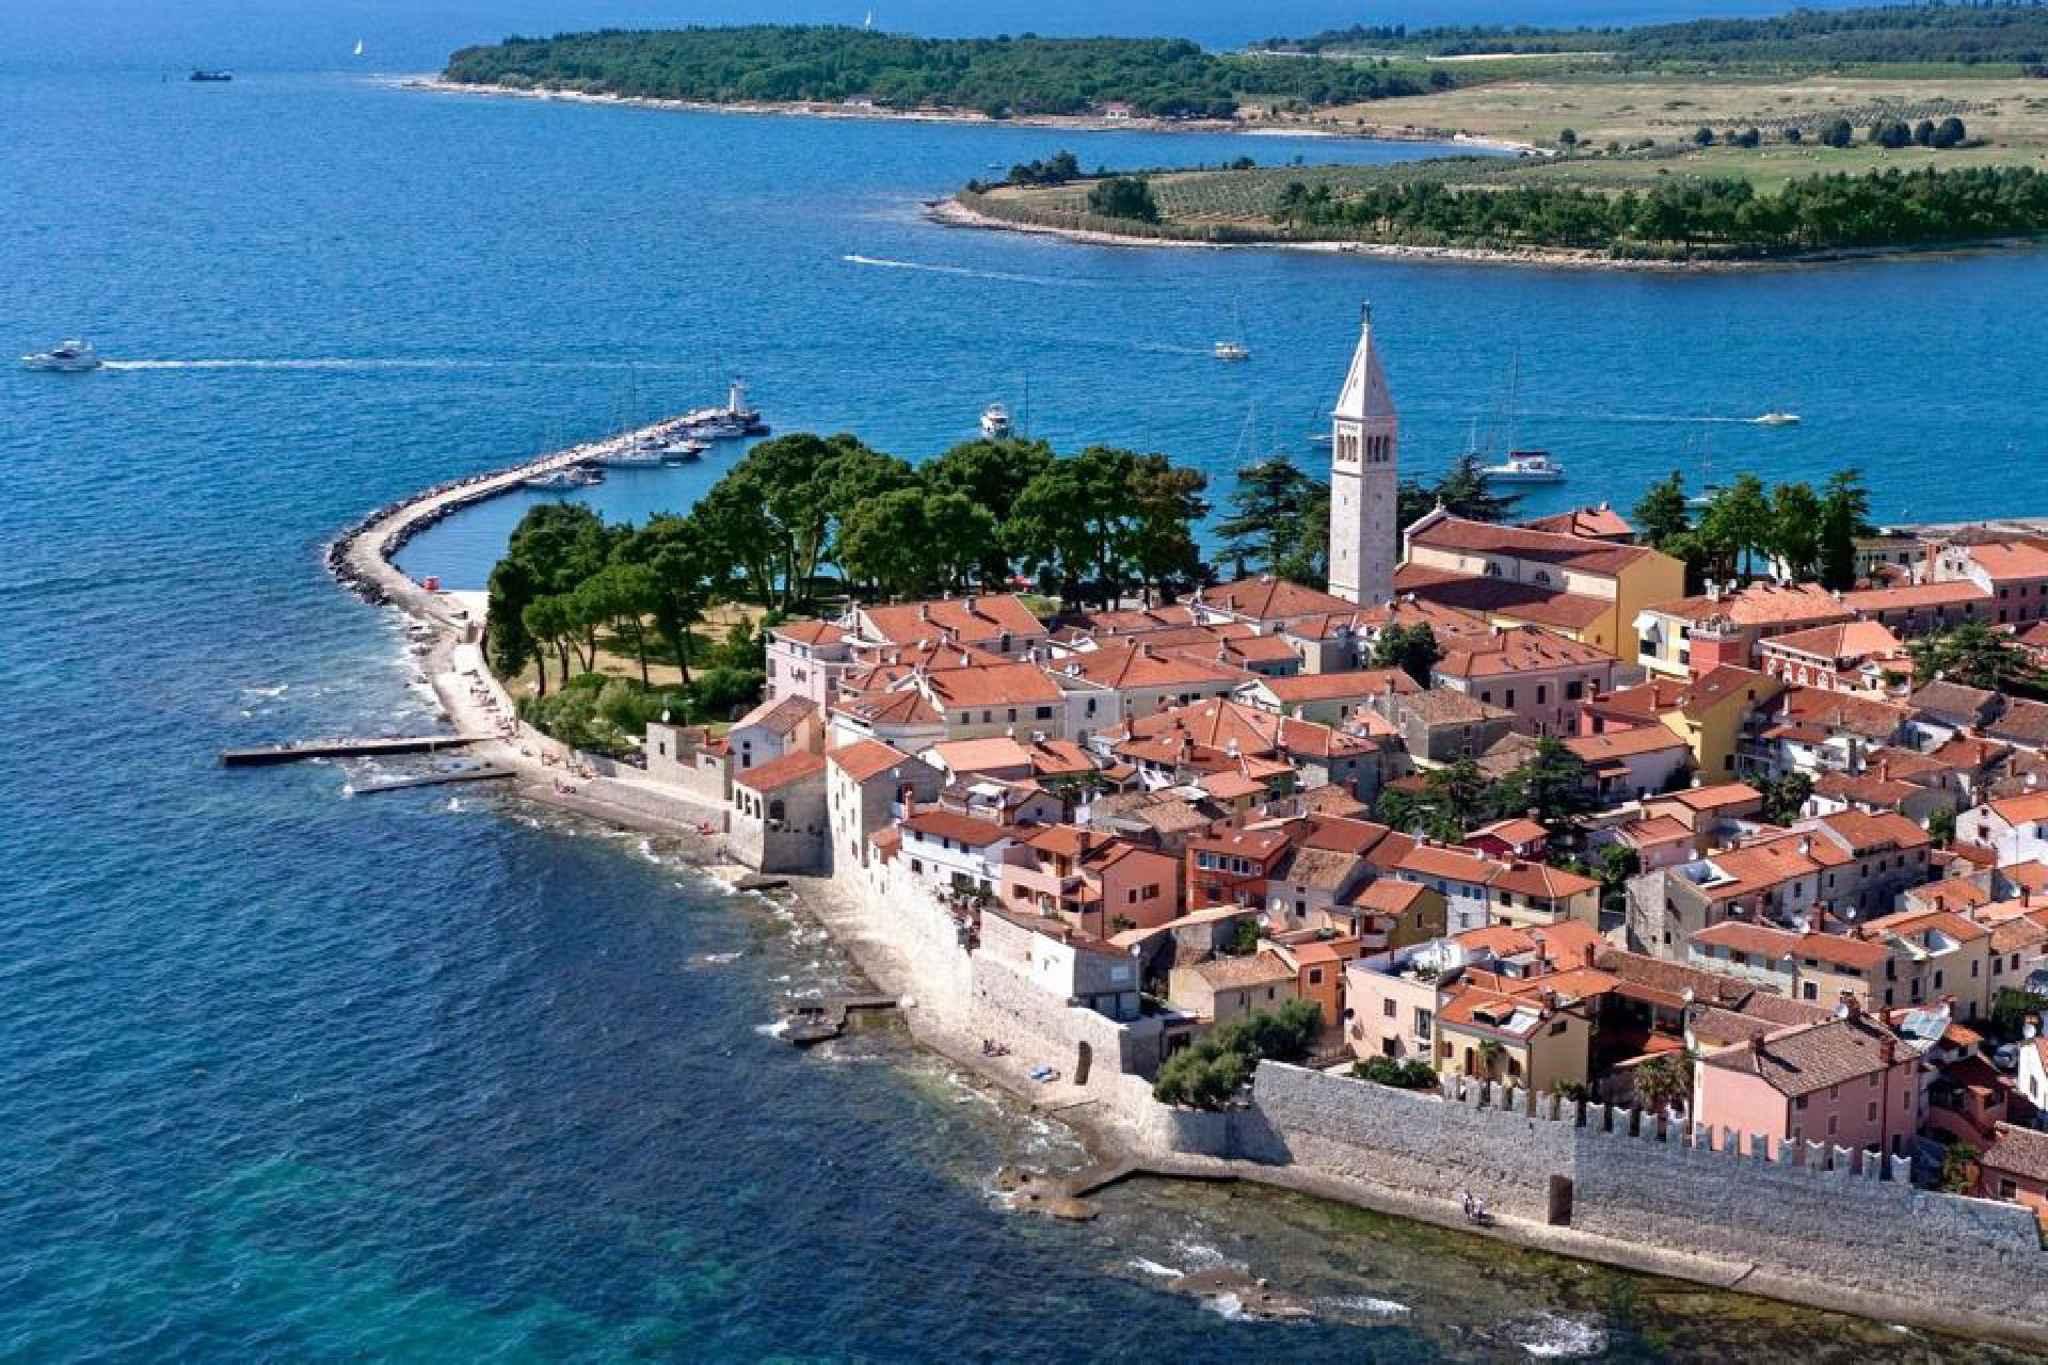 Ferienwohnung nur 50 m zur Adria (278904), Zadar, , Dalmatien, Kroatien, Bild 27